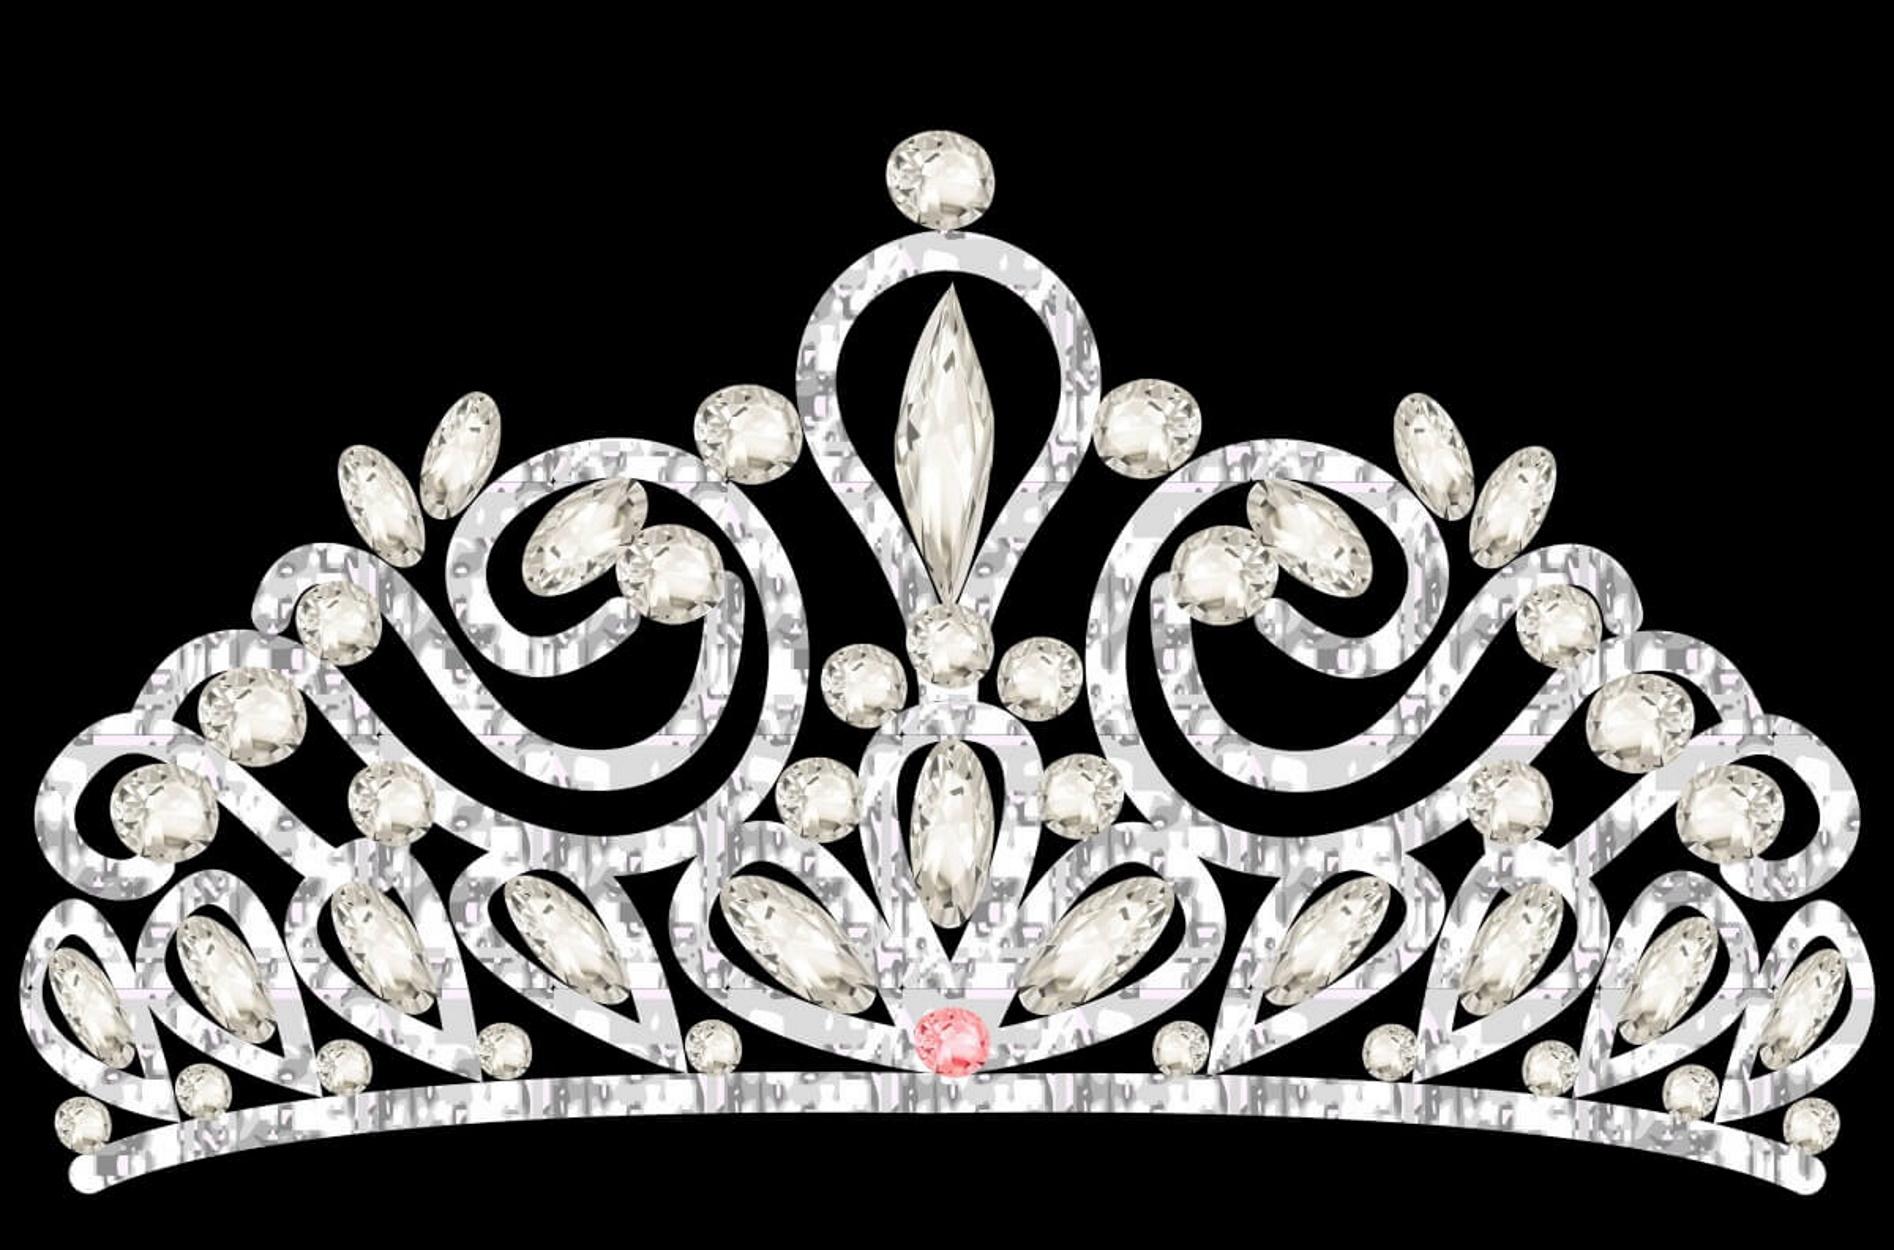 , Από κορονοϊό πέθανε η πριγκίπισσα Μαρία Τερέσα της Ισπανία, Eviathema.gr | ΕΥΒΟΙΑ ΝΕΑ - Νέα και ειδήσεις από όλη την Εύβοια